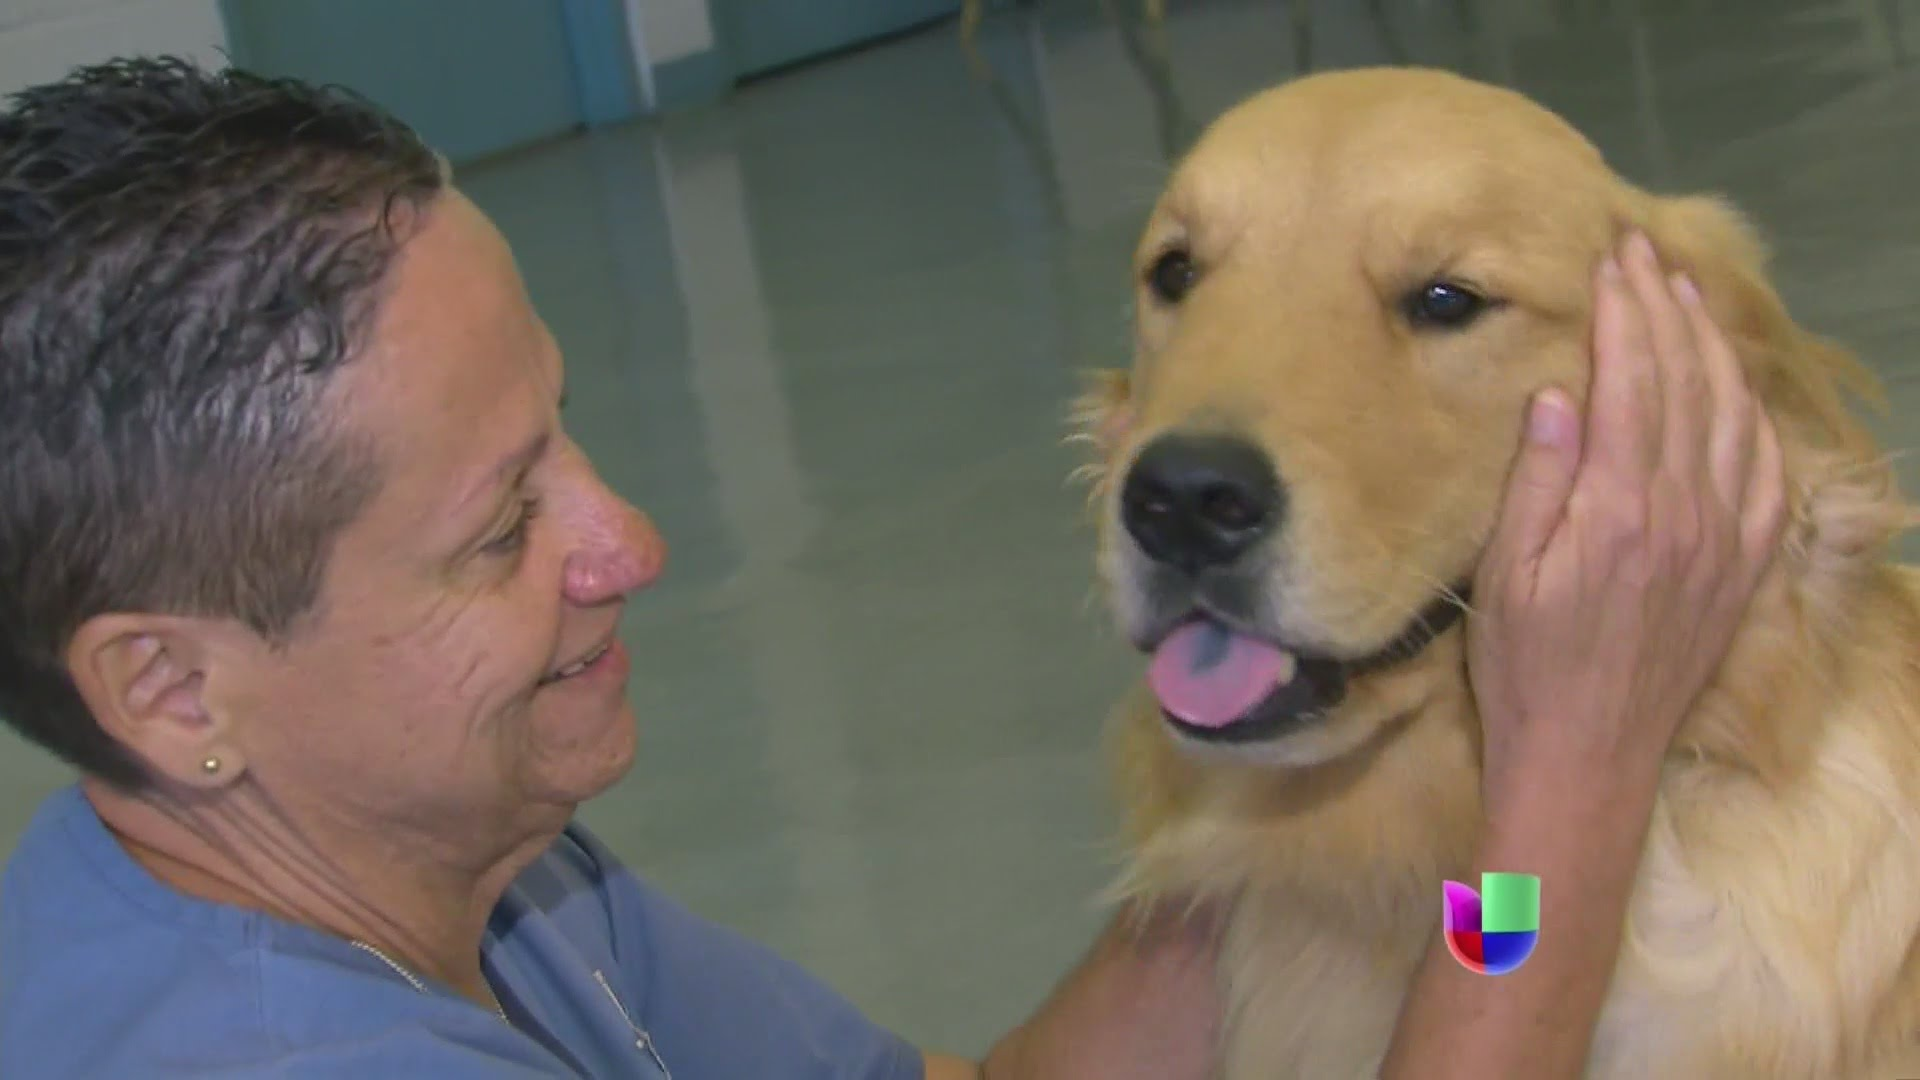 Le han cambiado el sentido a la vida de muchos: perros en la prisión